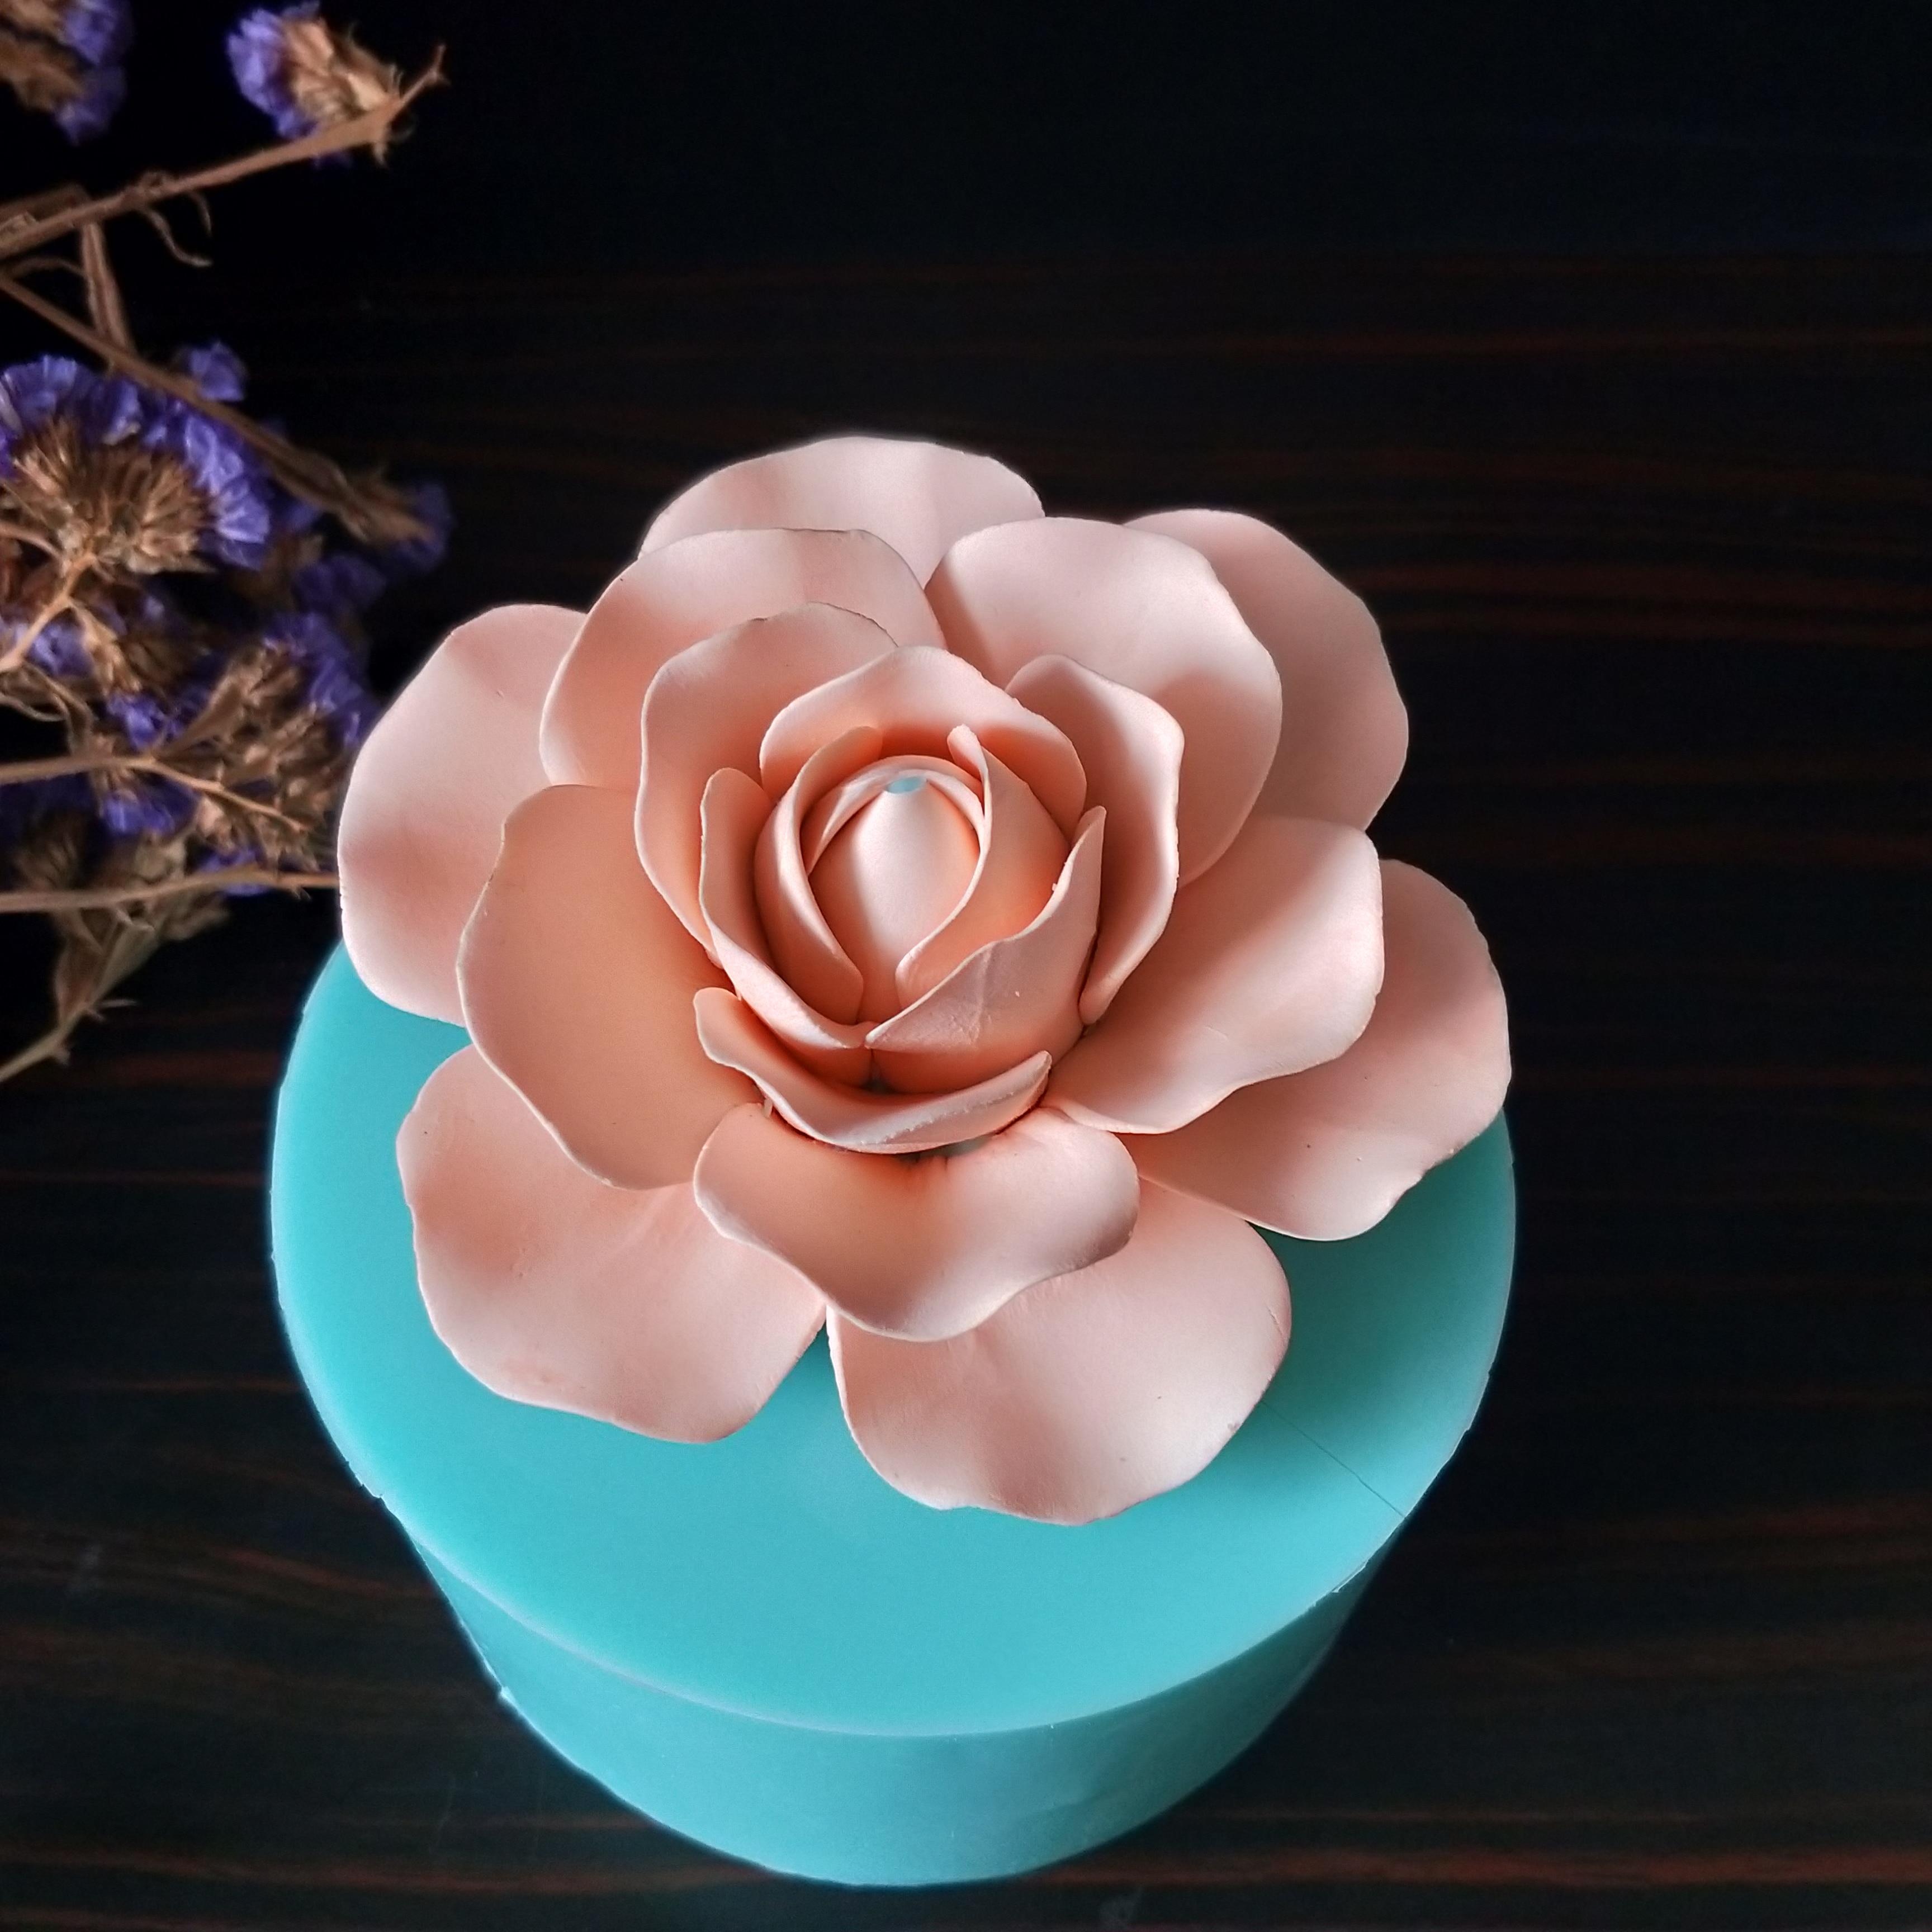 3D زهرة قوالب سيليكون الصابون العفن زهرة شكل العفن للصابون صنع DIY اليدوية كعكة الزينة كعكة أدوات الراتنج الطين العفن